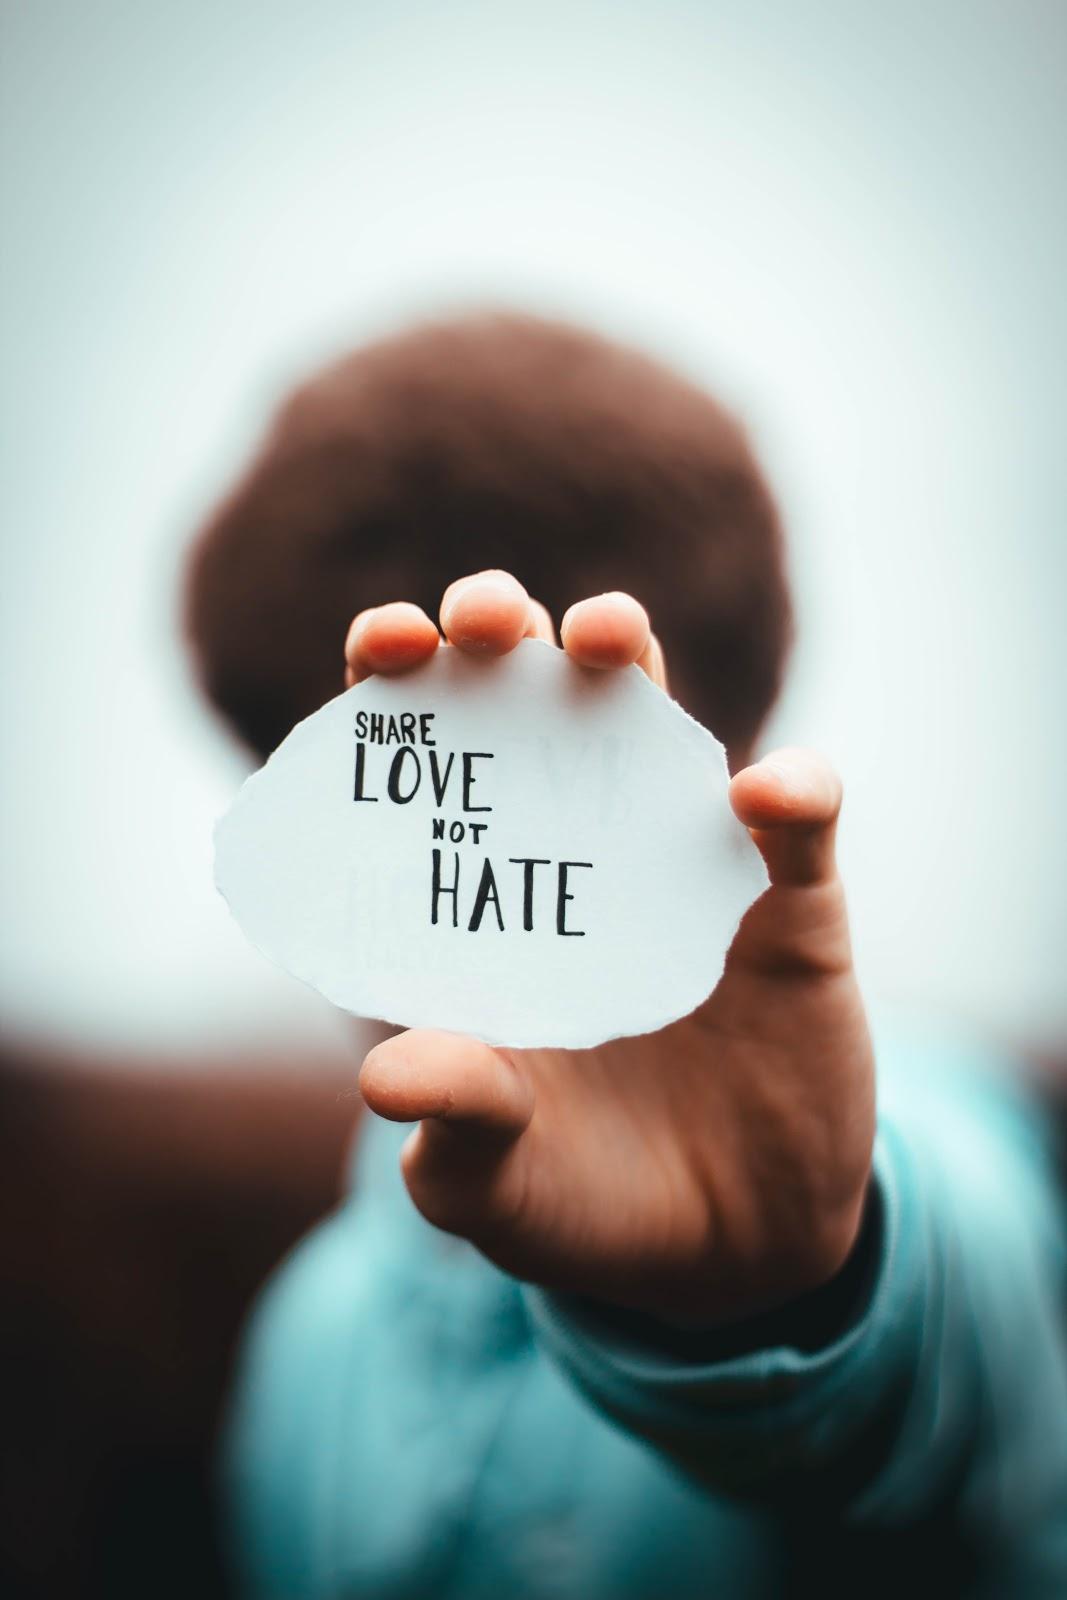 Why am I still getting hate?